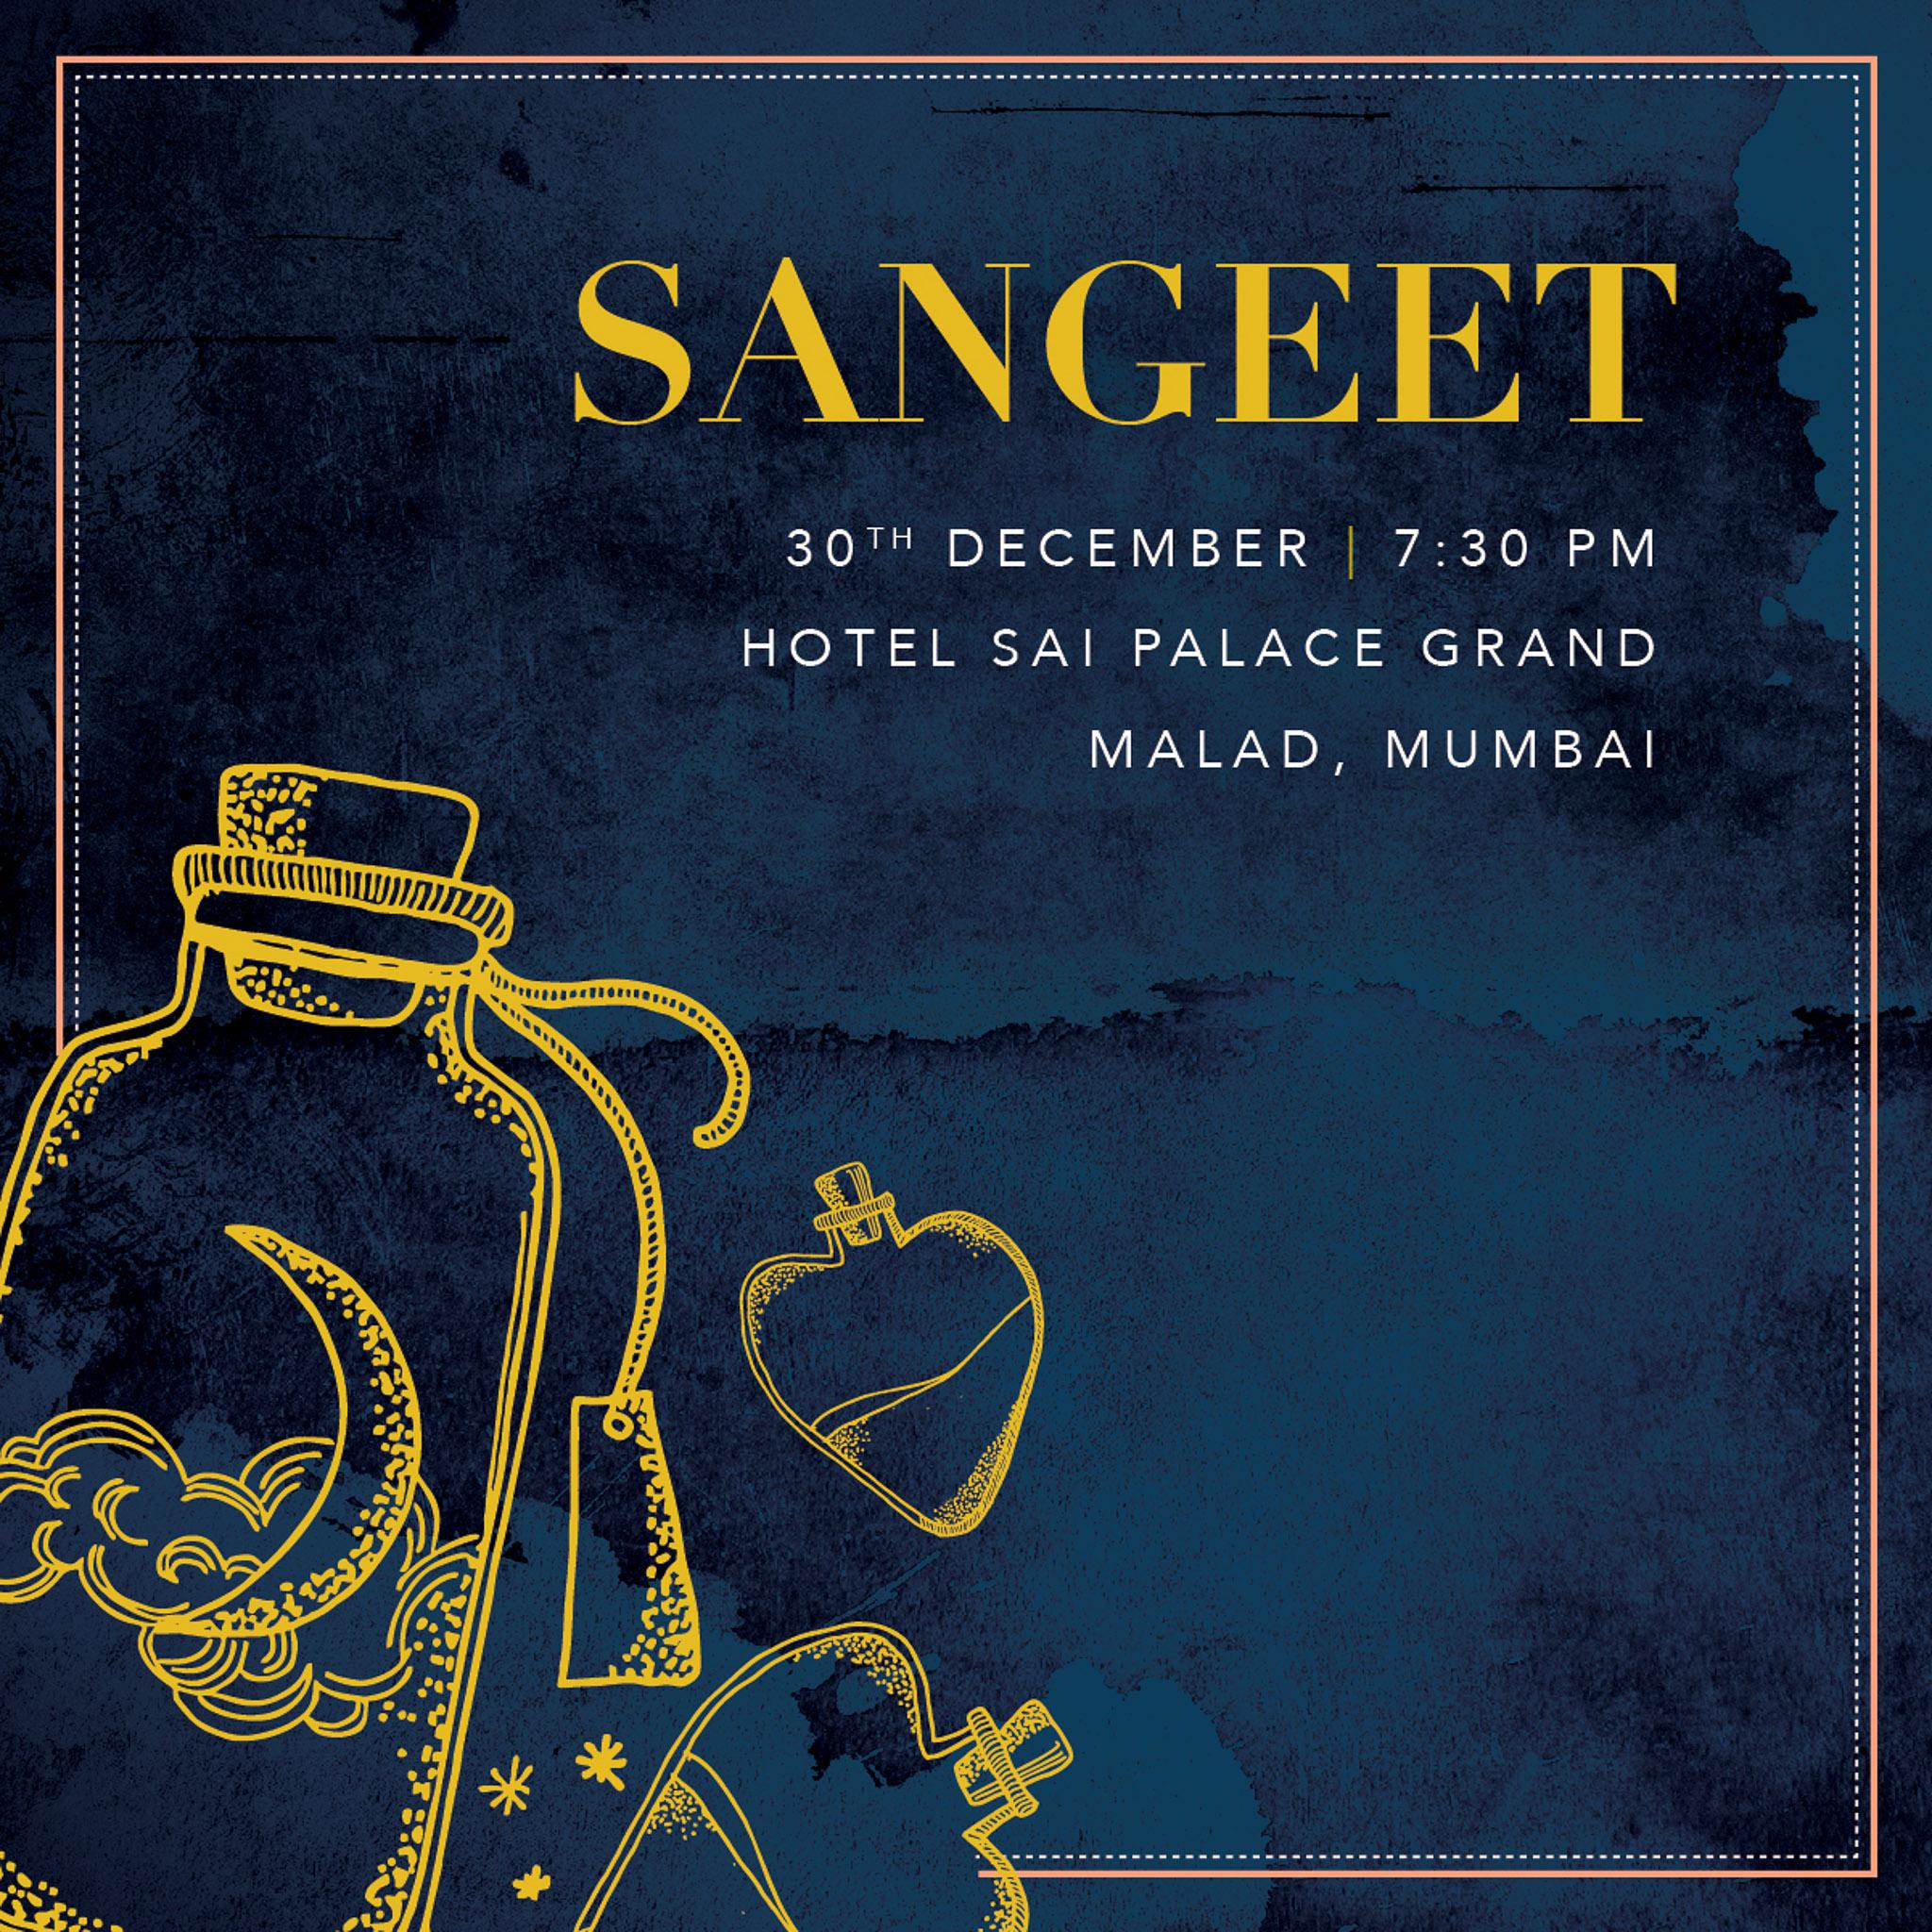 Tanushree_Wedding-Invites_Sangeet.jpg